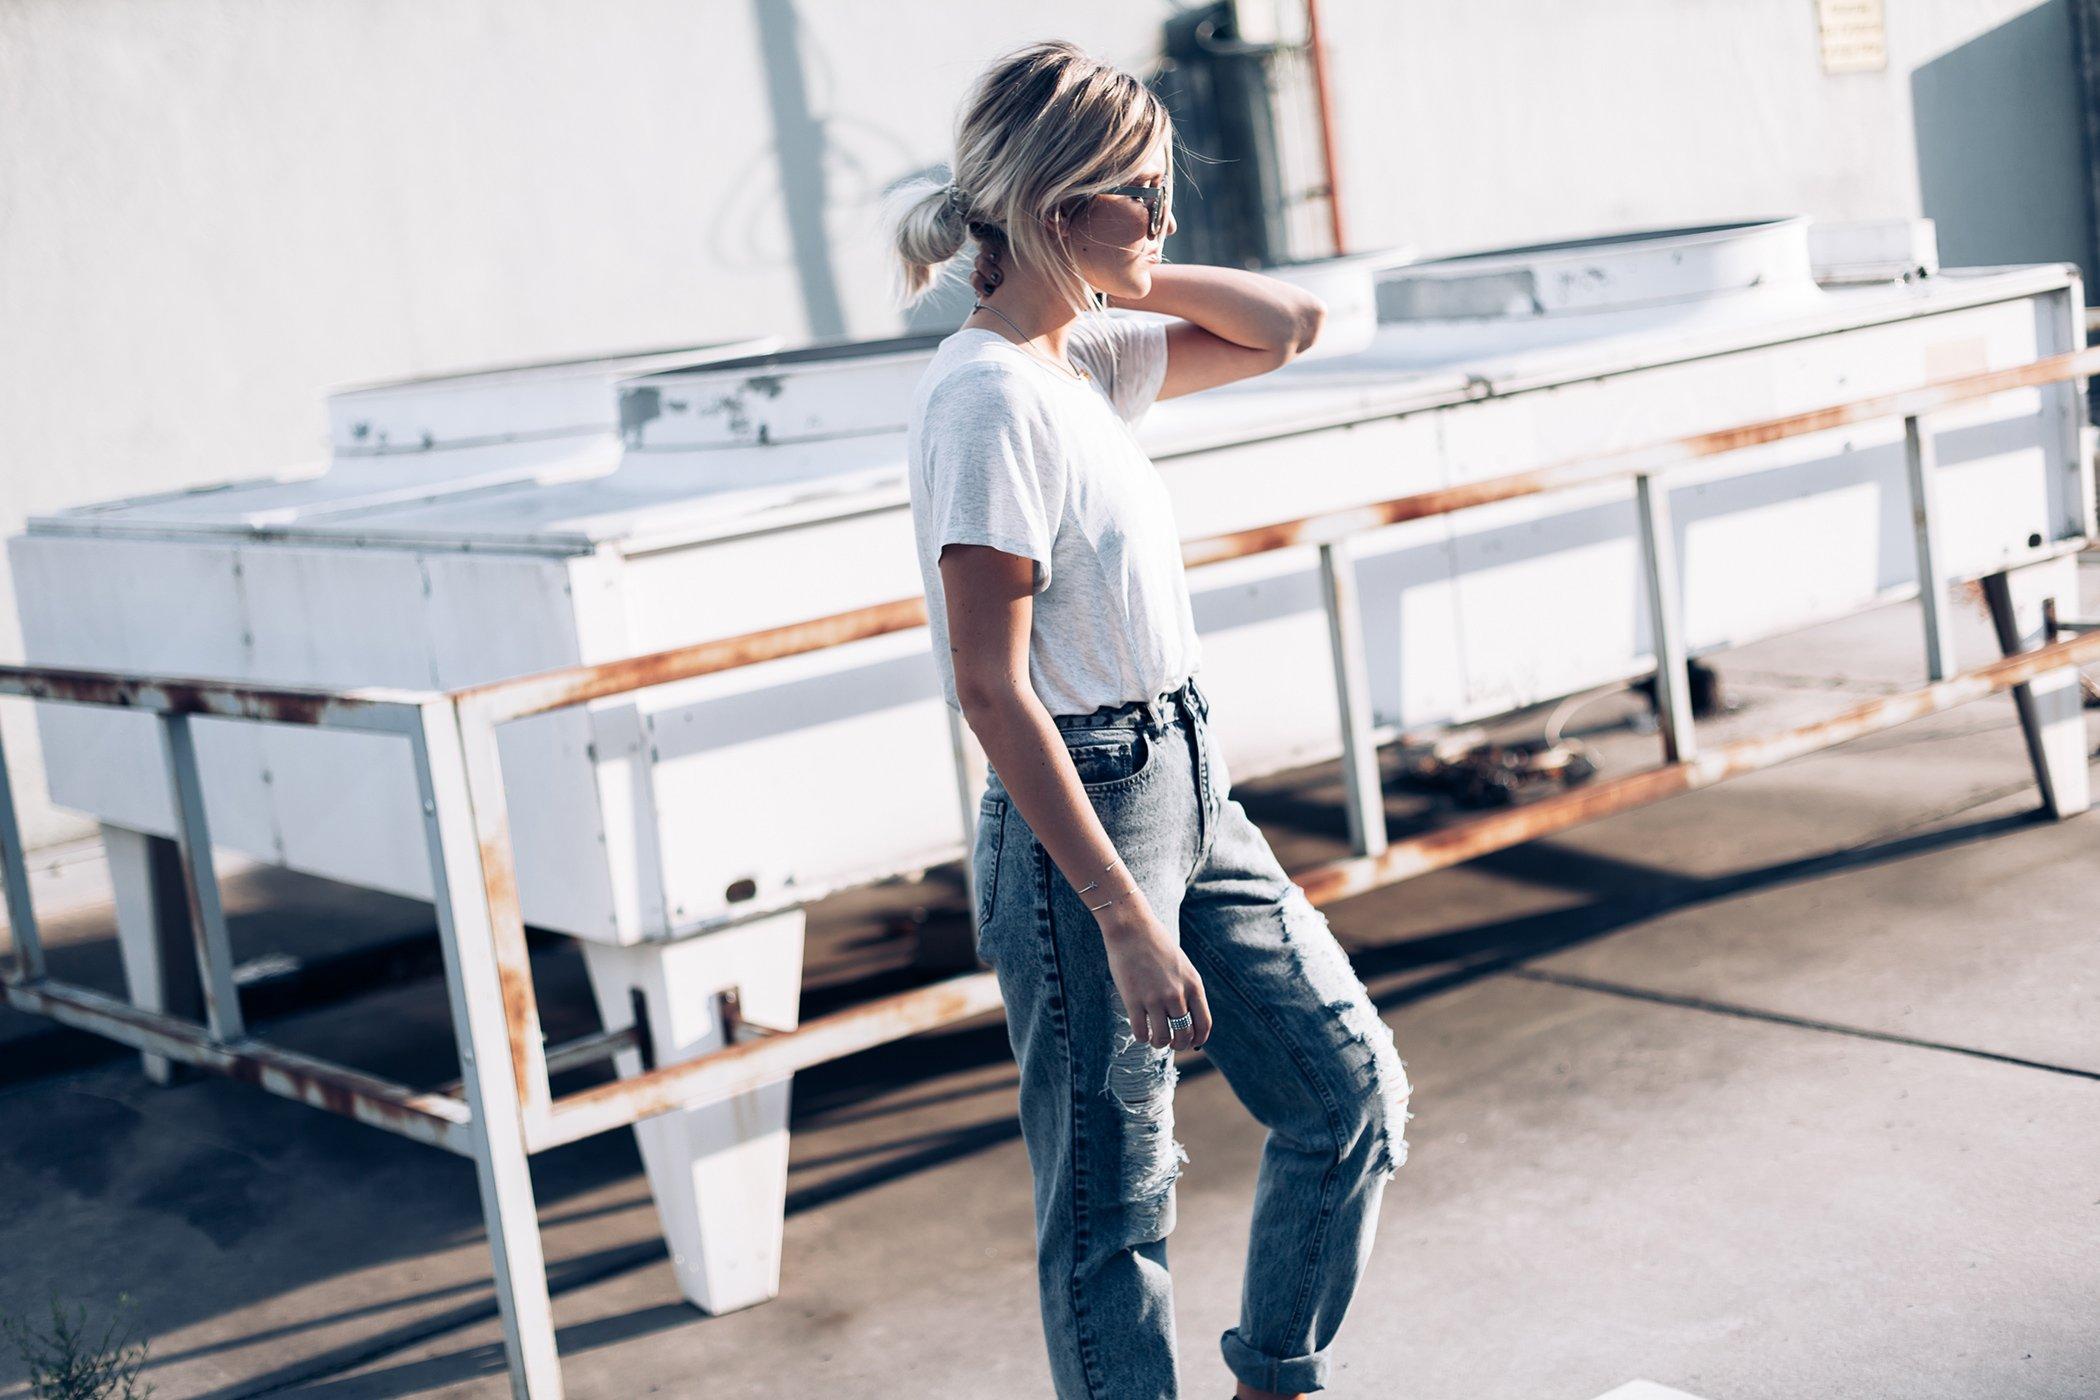 mikuta-loves-her-jeans-14